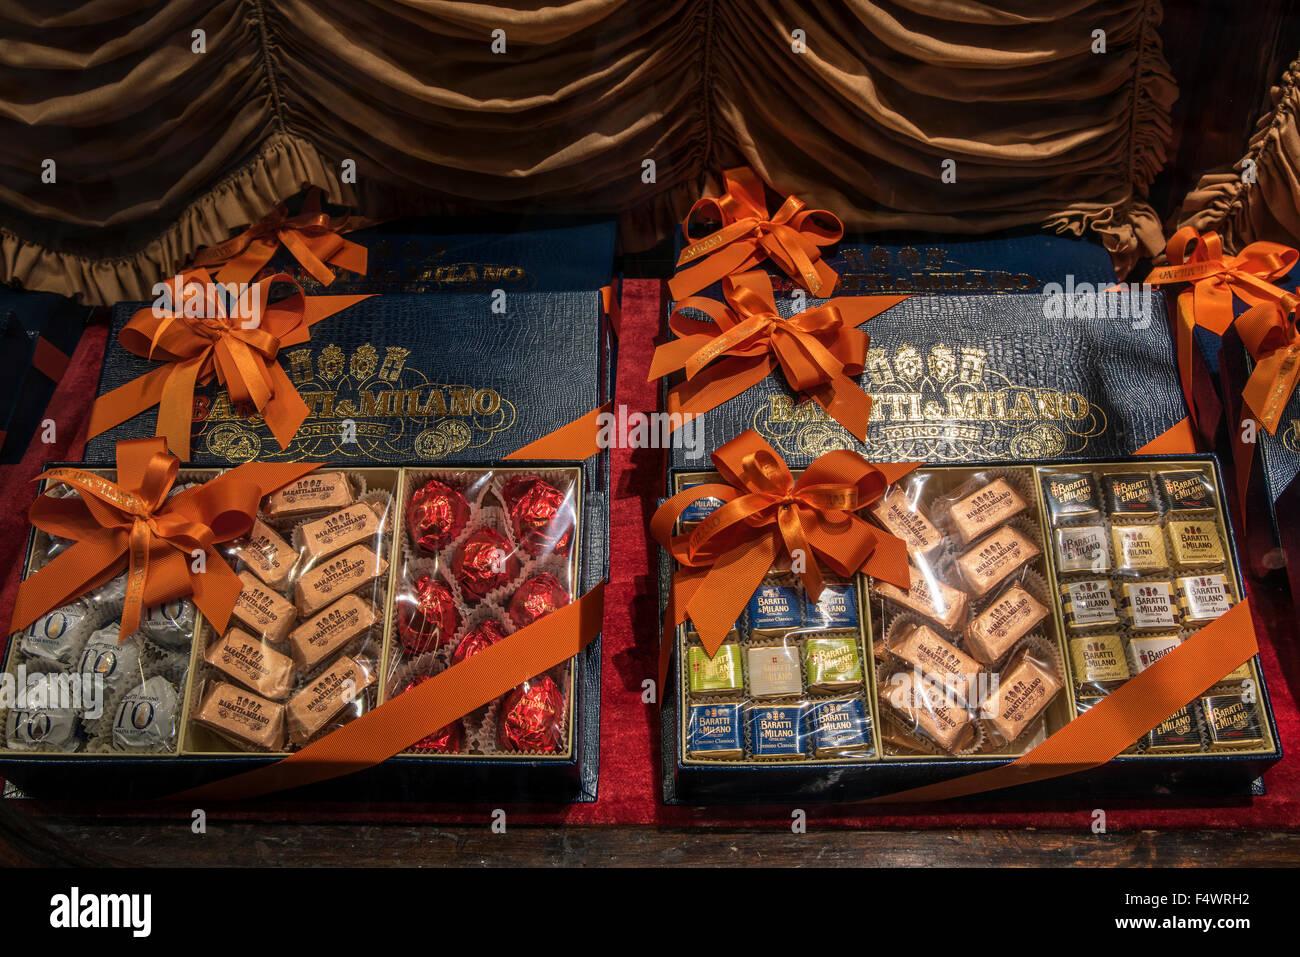 Schokolade Geschenk-Boxen zum Verkauf an Caffe Baratti & Milano Schokolade und Kaffee Shop, Turin, Piemont, Stockbild